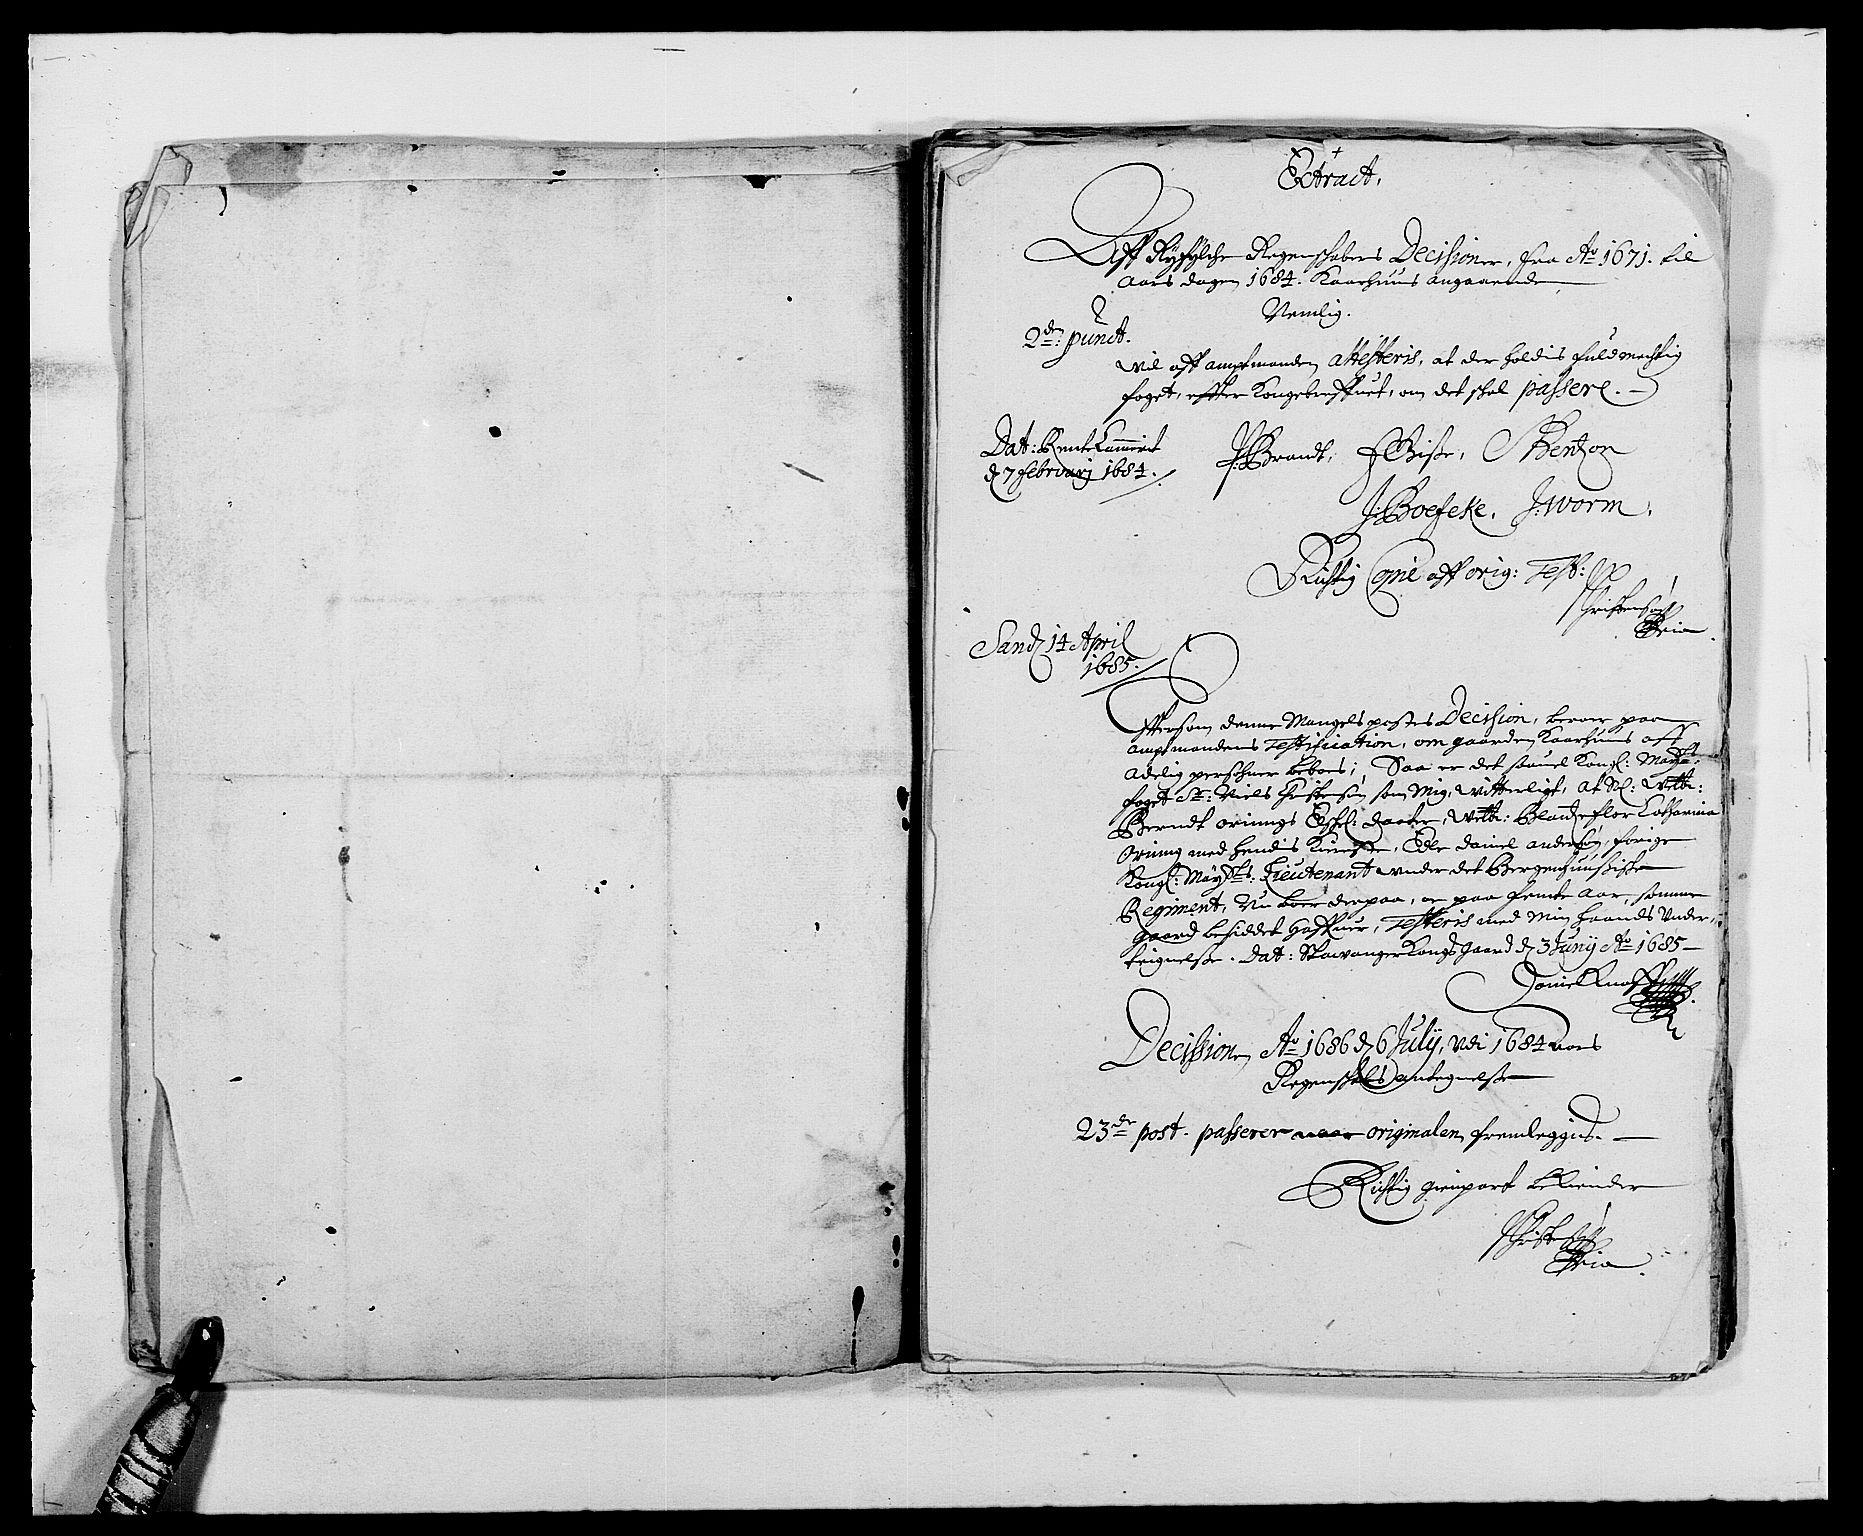 RA, Rentekammeret inntil 1814, Reviderte regnskaper, Fogderegnskap, R47/L2849: Fogderegnskap Ryfylke, 1679, s. 269